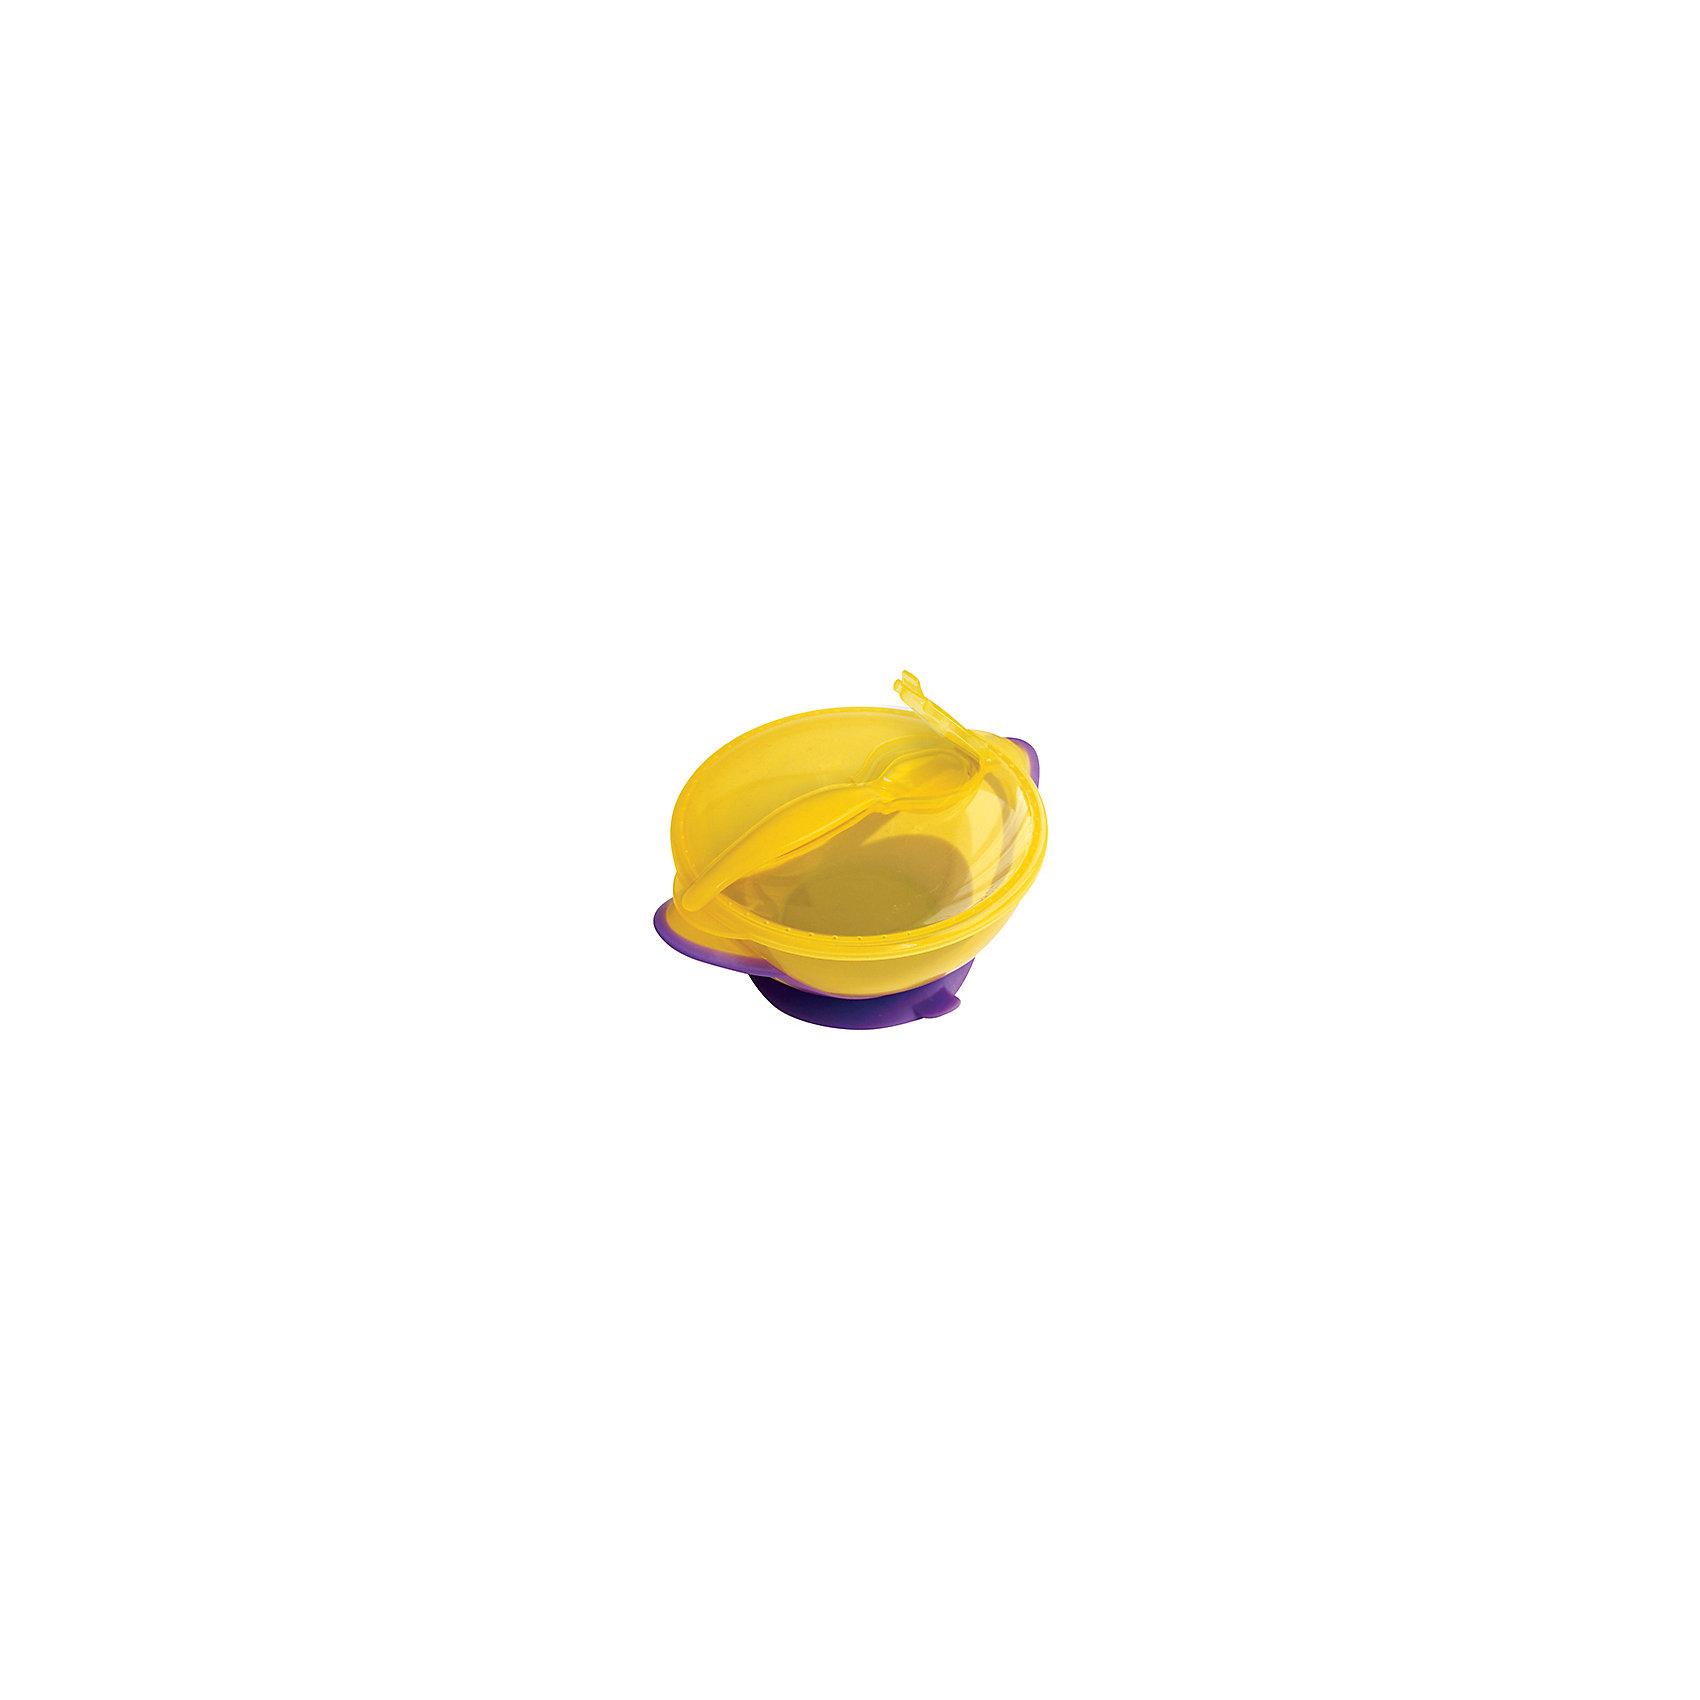 Тарелка Классика от 6 мес. с ложкой и присоской, LUBBY, желтыйПосуда для малышей<br>Тарелка Классика с крышкой и ложкой для кормления  поможет малышу научиться есть самому. Тарелка Классика имеет специальную крышку, сохраняя чистоту и гигиеничность прибора, что  незаменимо во время путешествий. Присоска препятствует свободному перемещению тарелки по столу. <br><br>Дополнительная информация: <br><br>- состав: полипропилен<br>- срок службы: 1 год<br>- размер единичной упаковки (дхшхв) : 14*7*17<br>- объем: 400 мл.<br><br>Тарелку  Классика  можно купить в нашем интернет-магазине.<br><br>Ширина мм: 140<br>Глубина мм: 70<br>Высота мм: 190<br>Вес г: 350<br>Возраст от месяцев: 6<br>Возраст до месяцев: 36<br>Пол: Унисекс<br>Возраст: Детский<br>SKU: 4801561